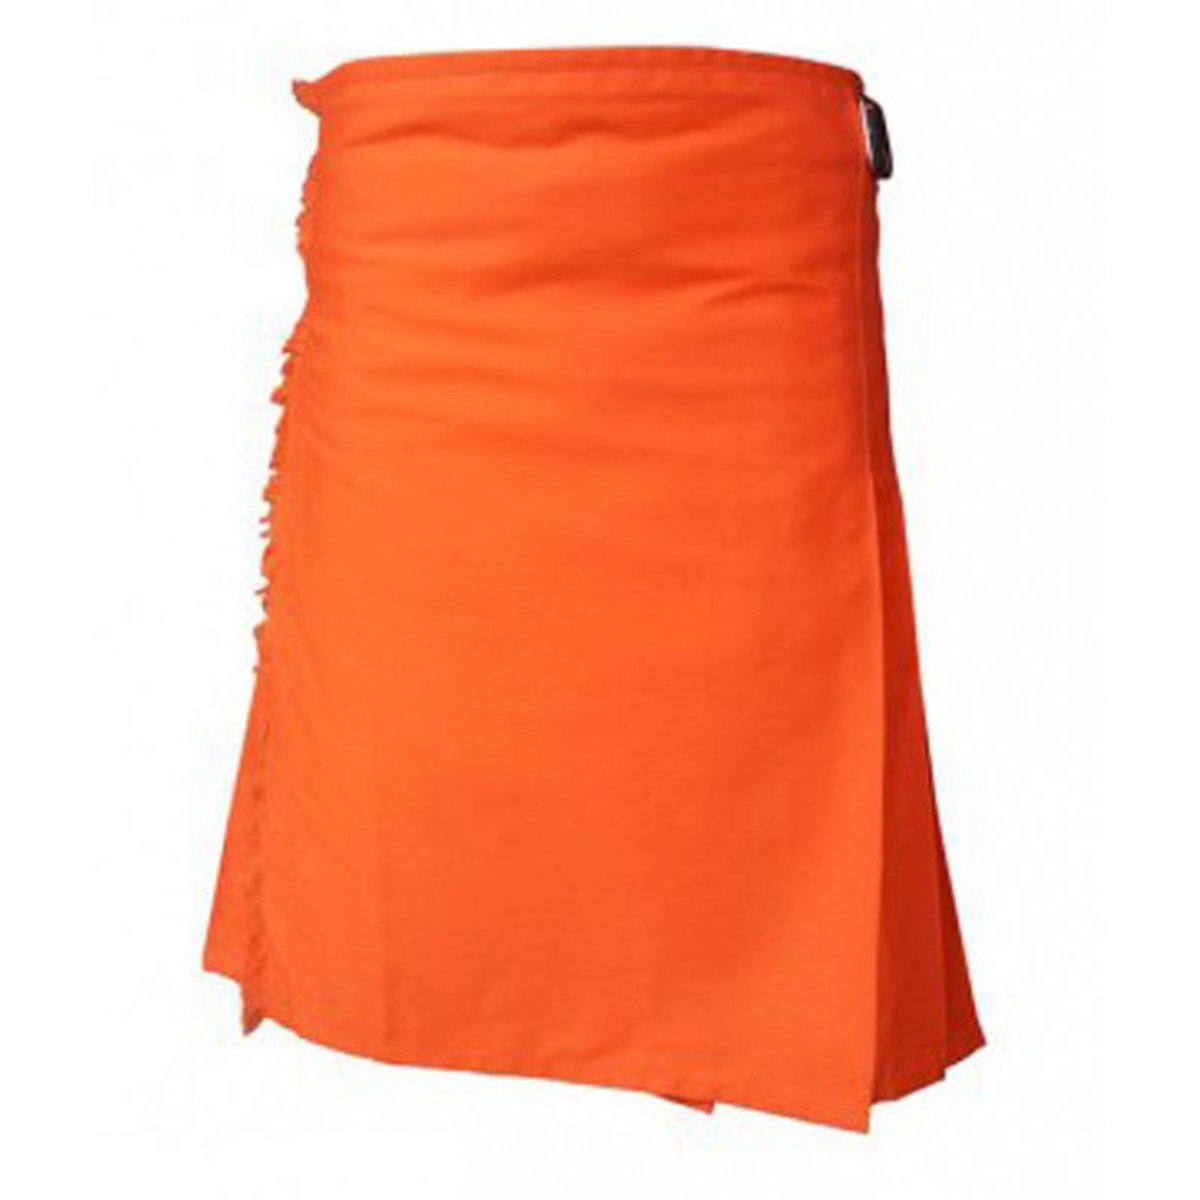 Orange Moden Tartan Style Utility Kilt For Men (36'')